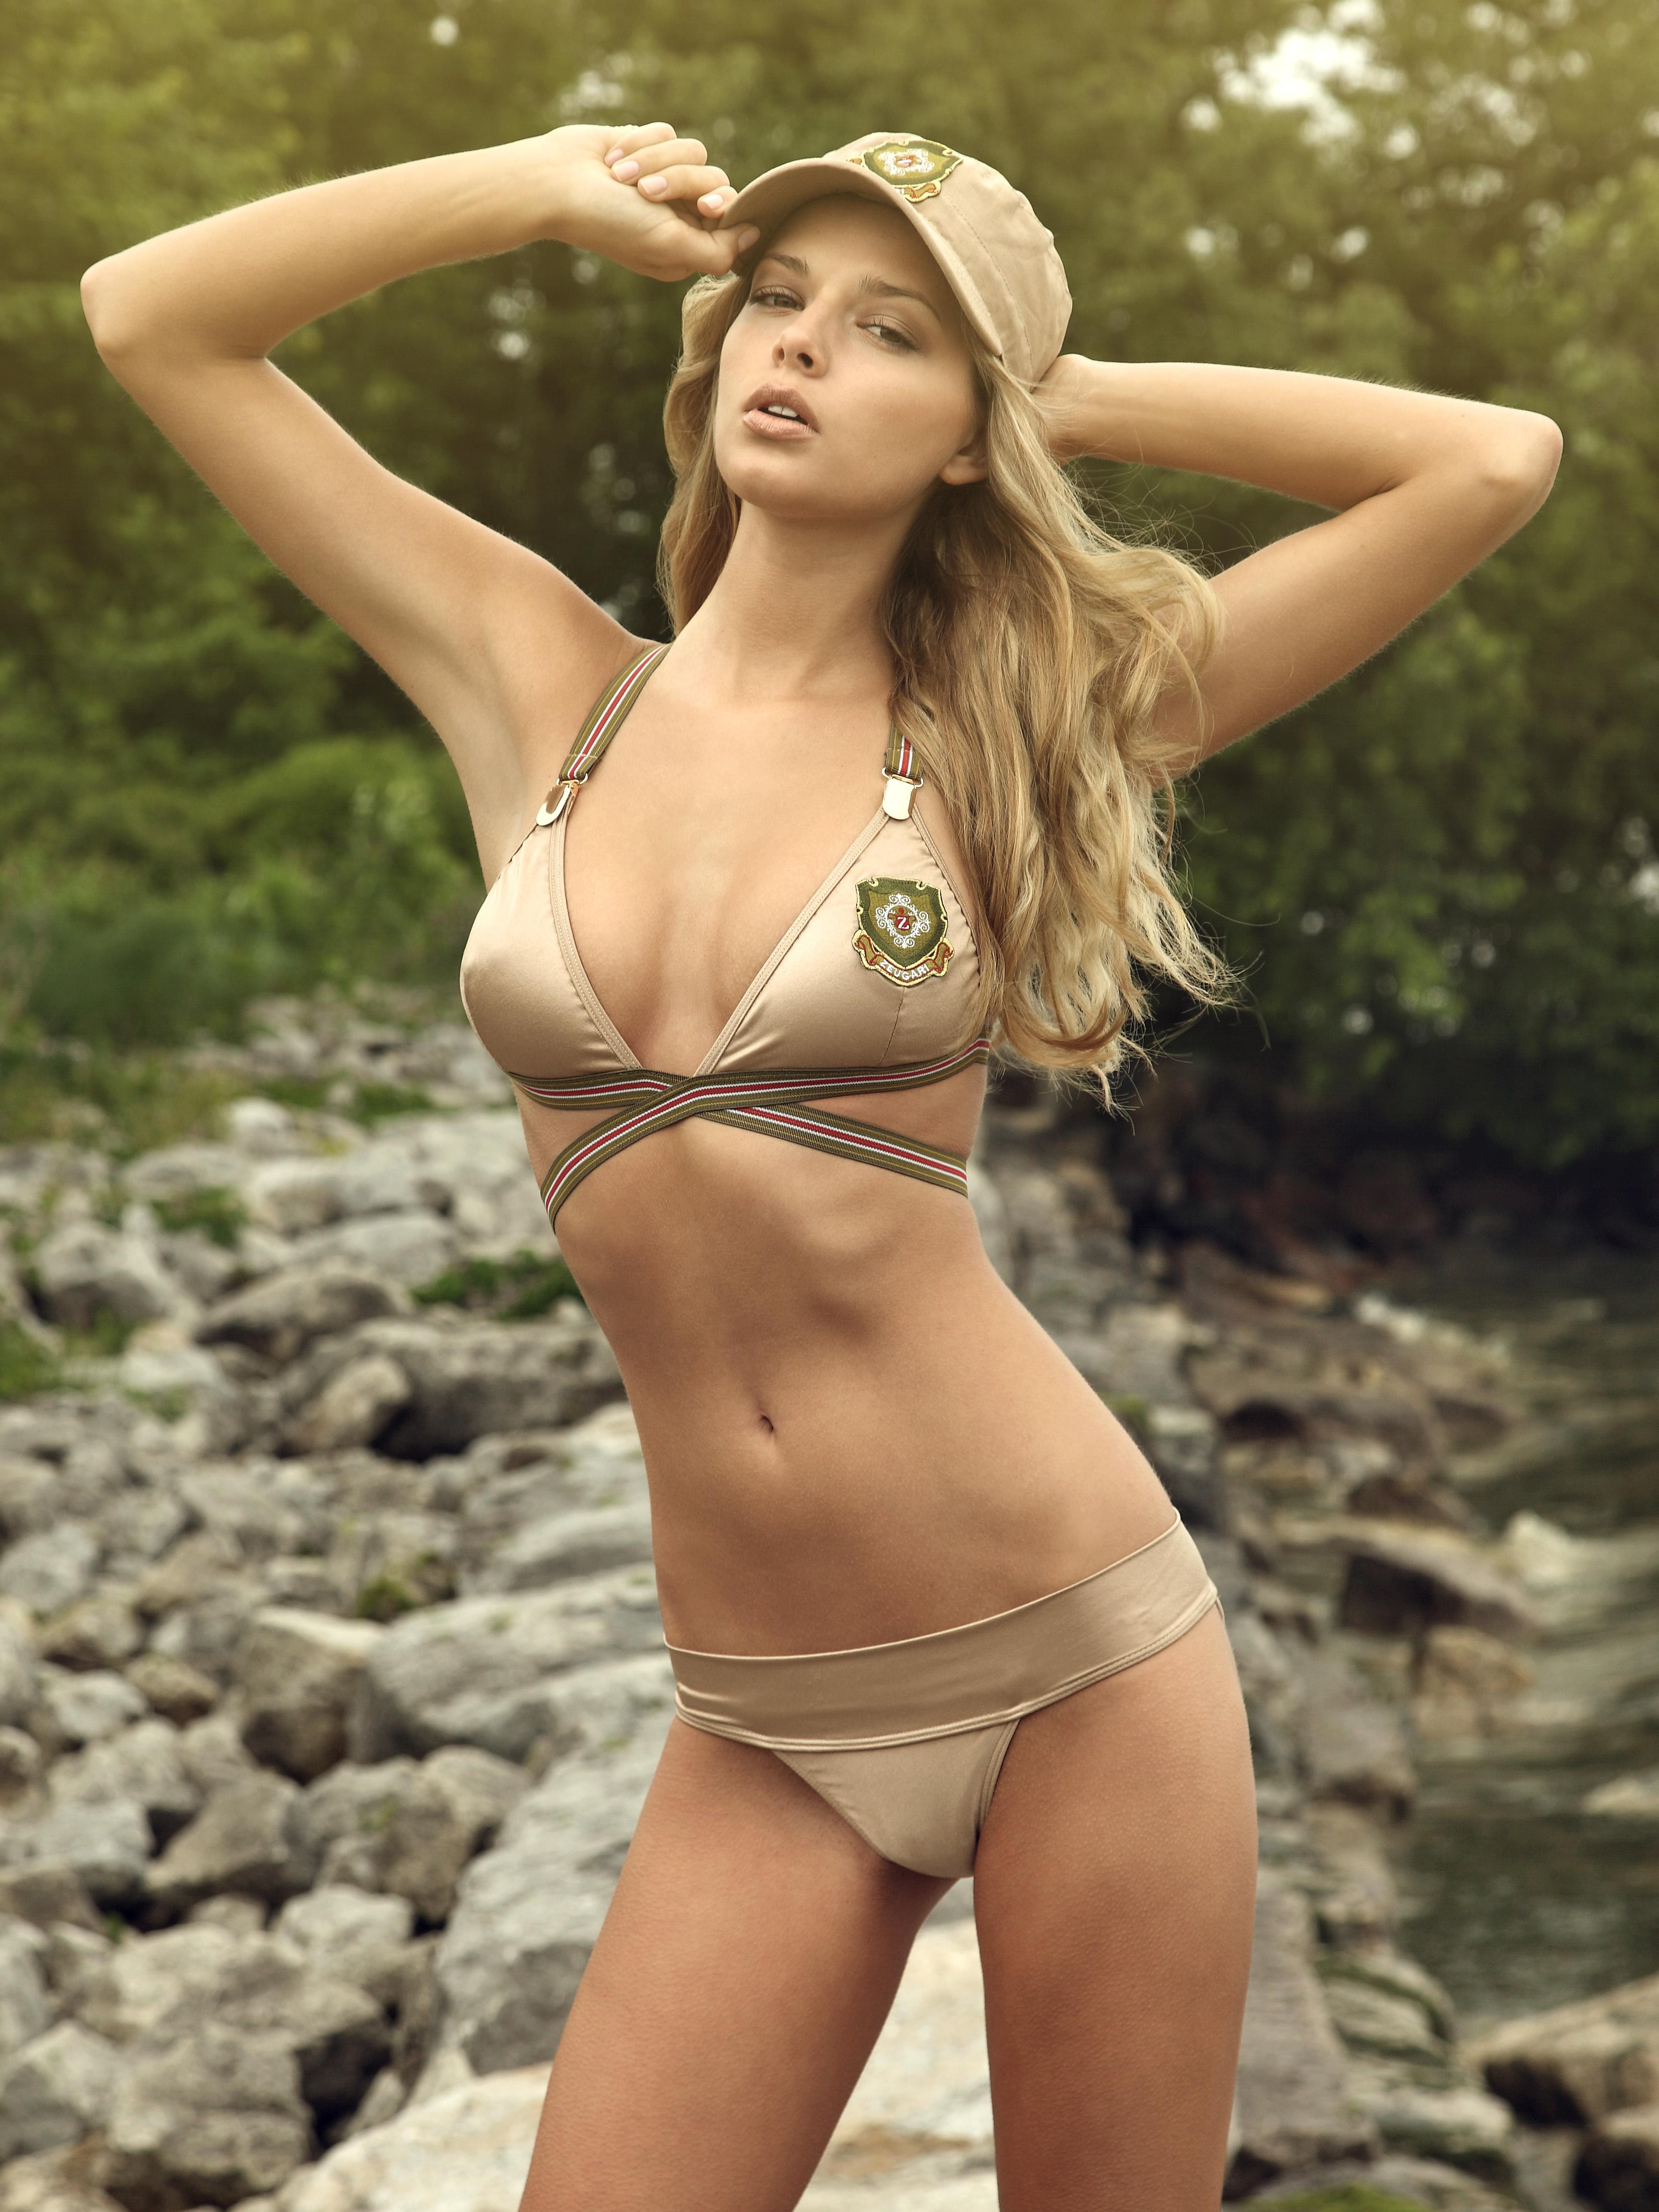 Фото девочек моделей голых 5 фотография